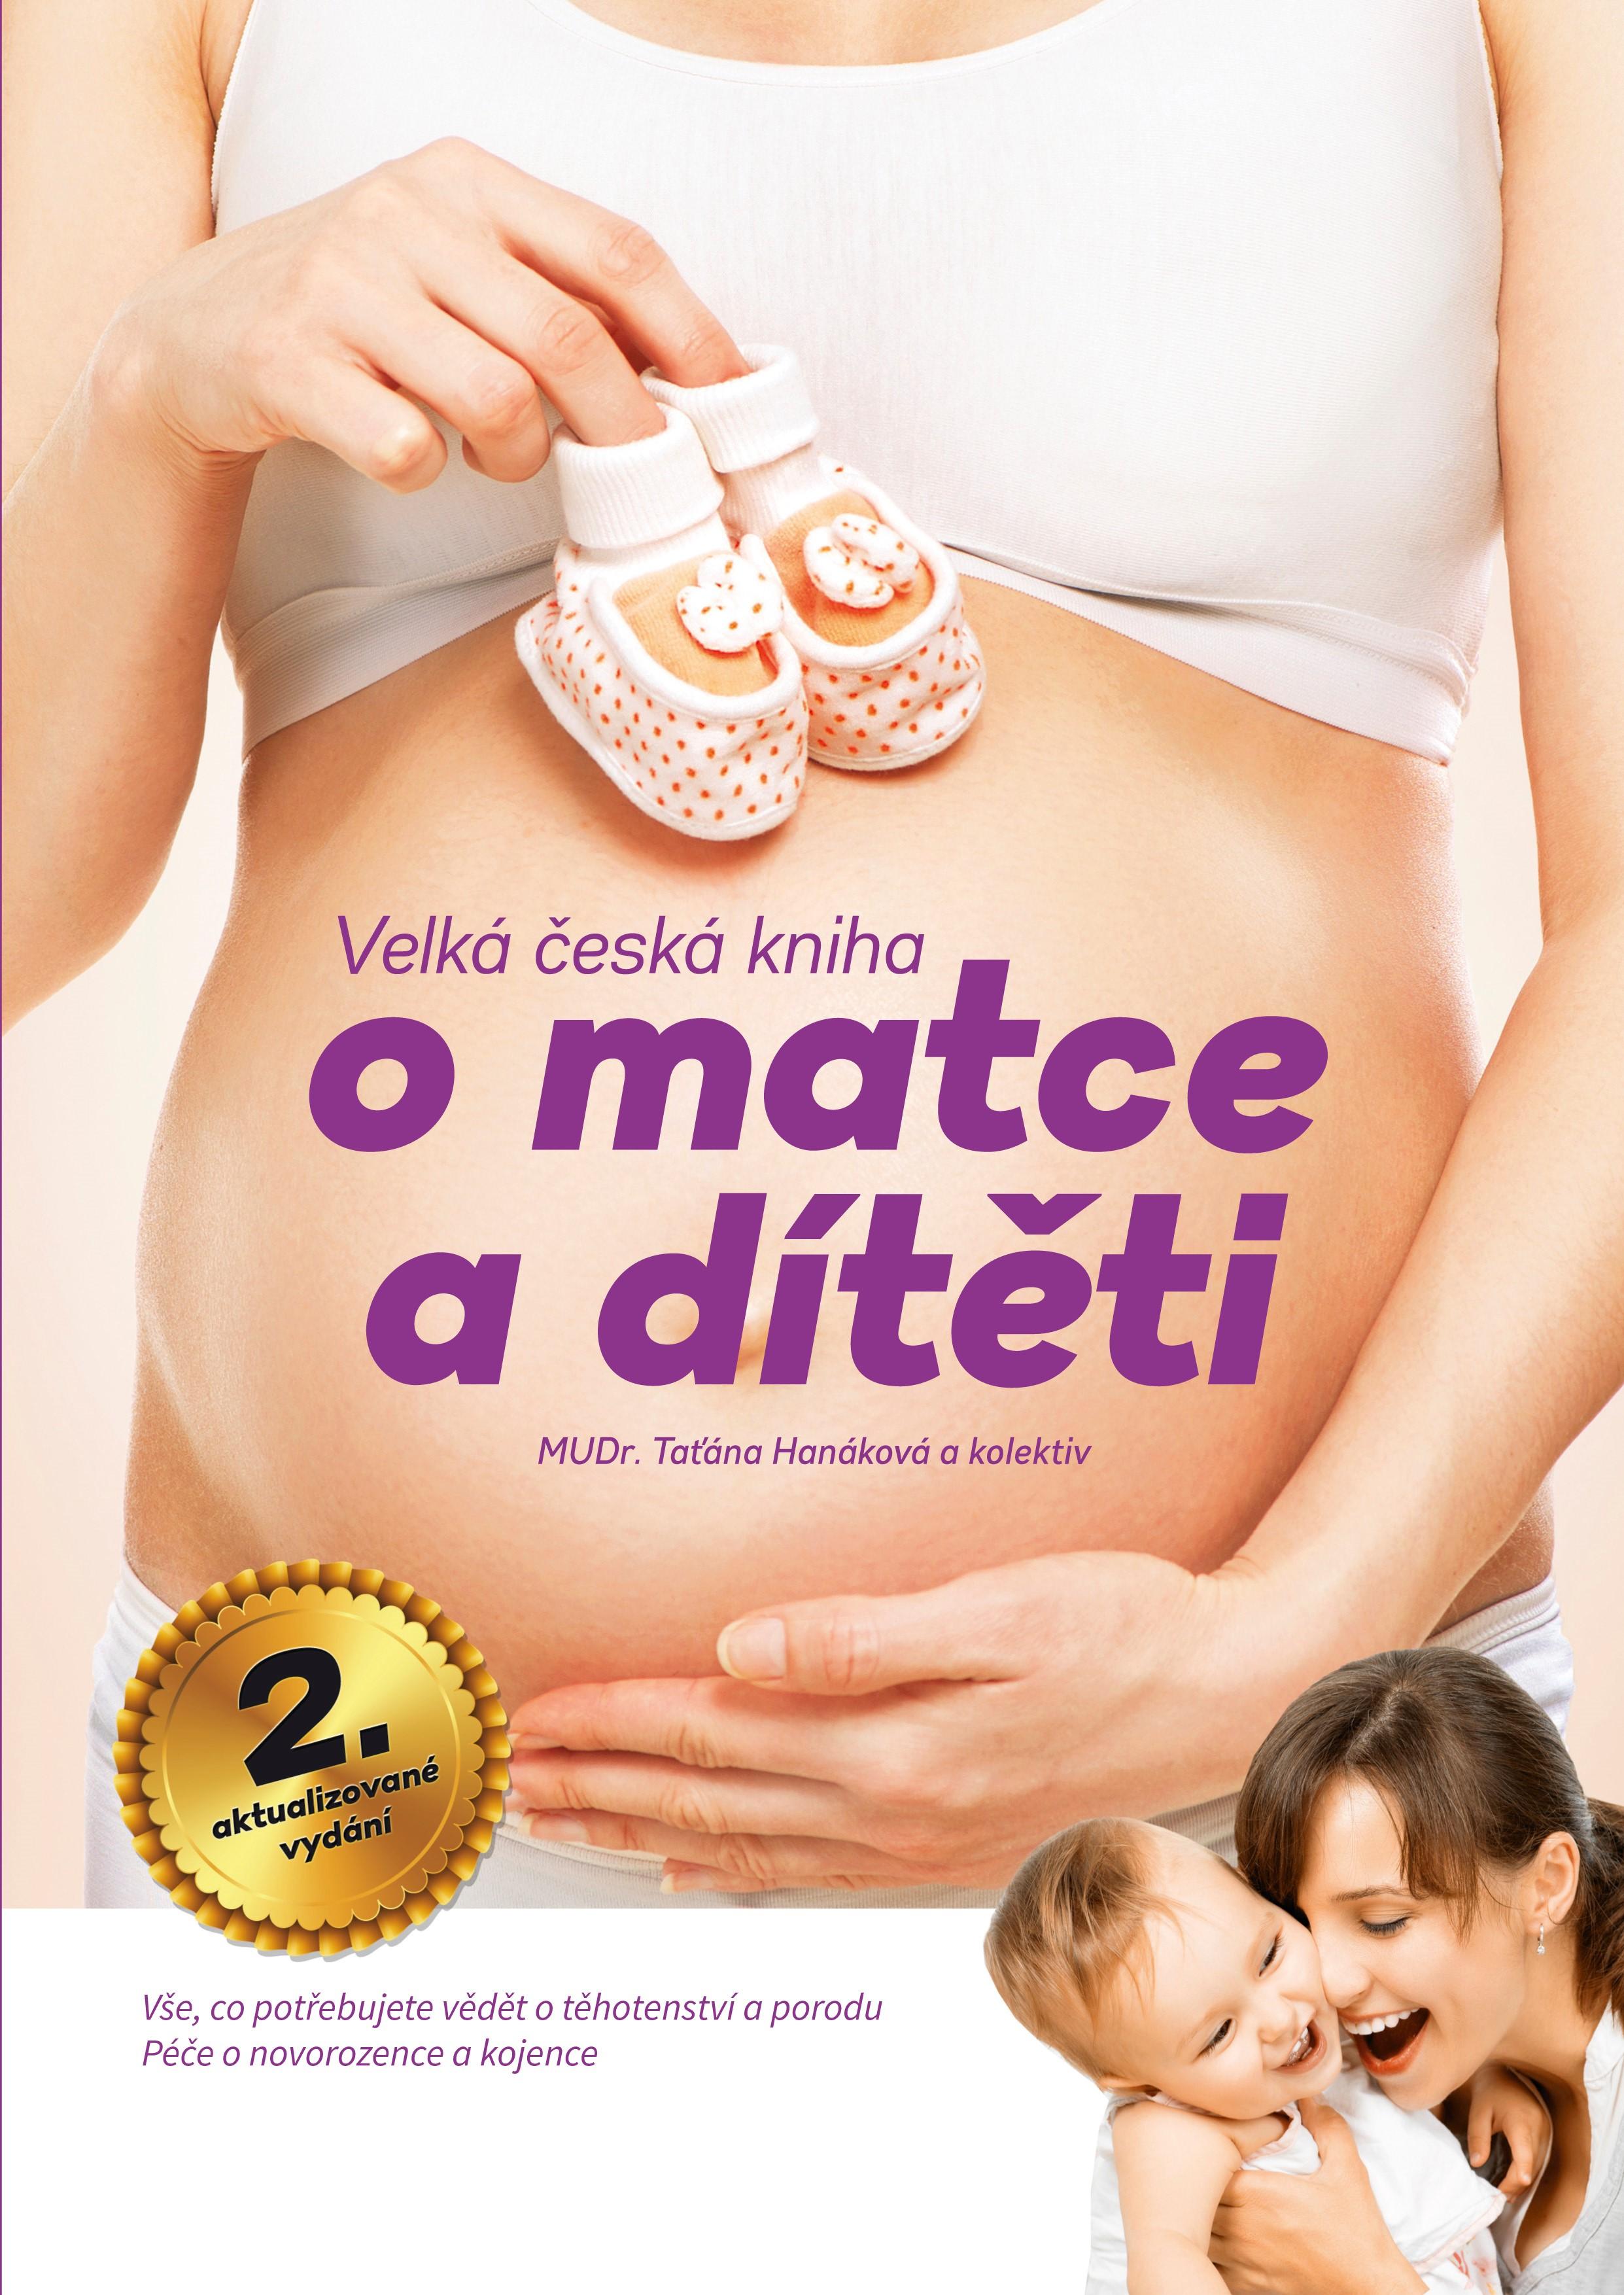 Velká česká kniha o matce a dítěti, 2.aktualizované vydání